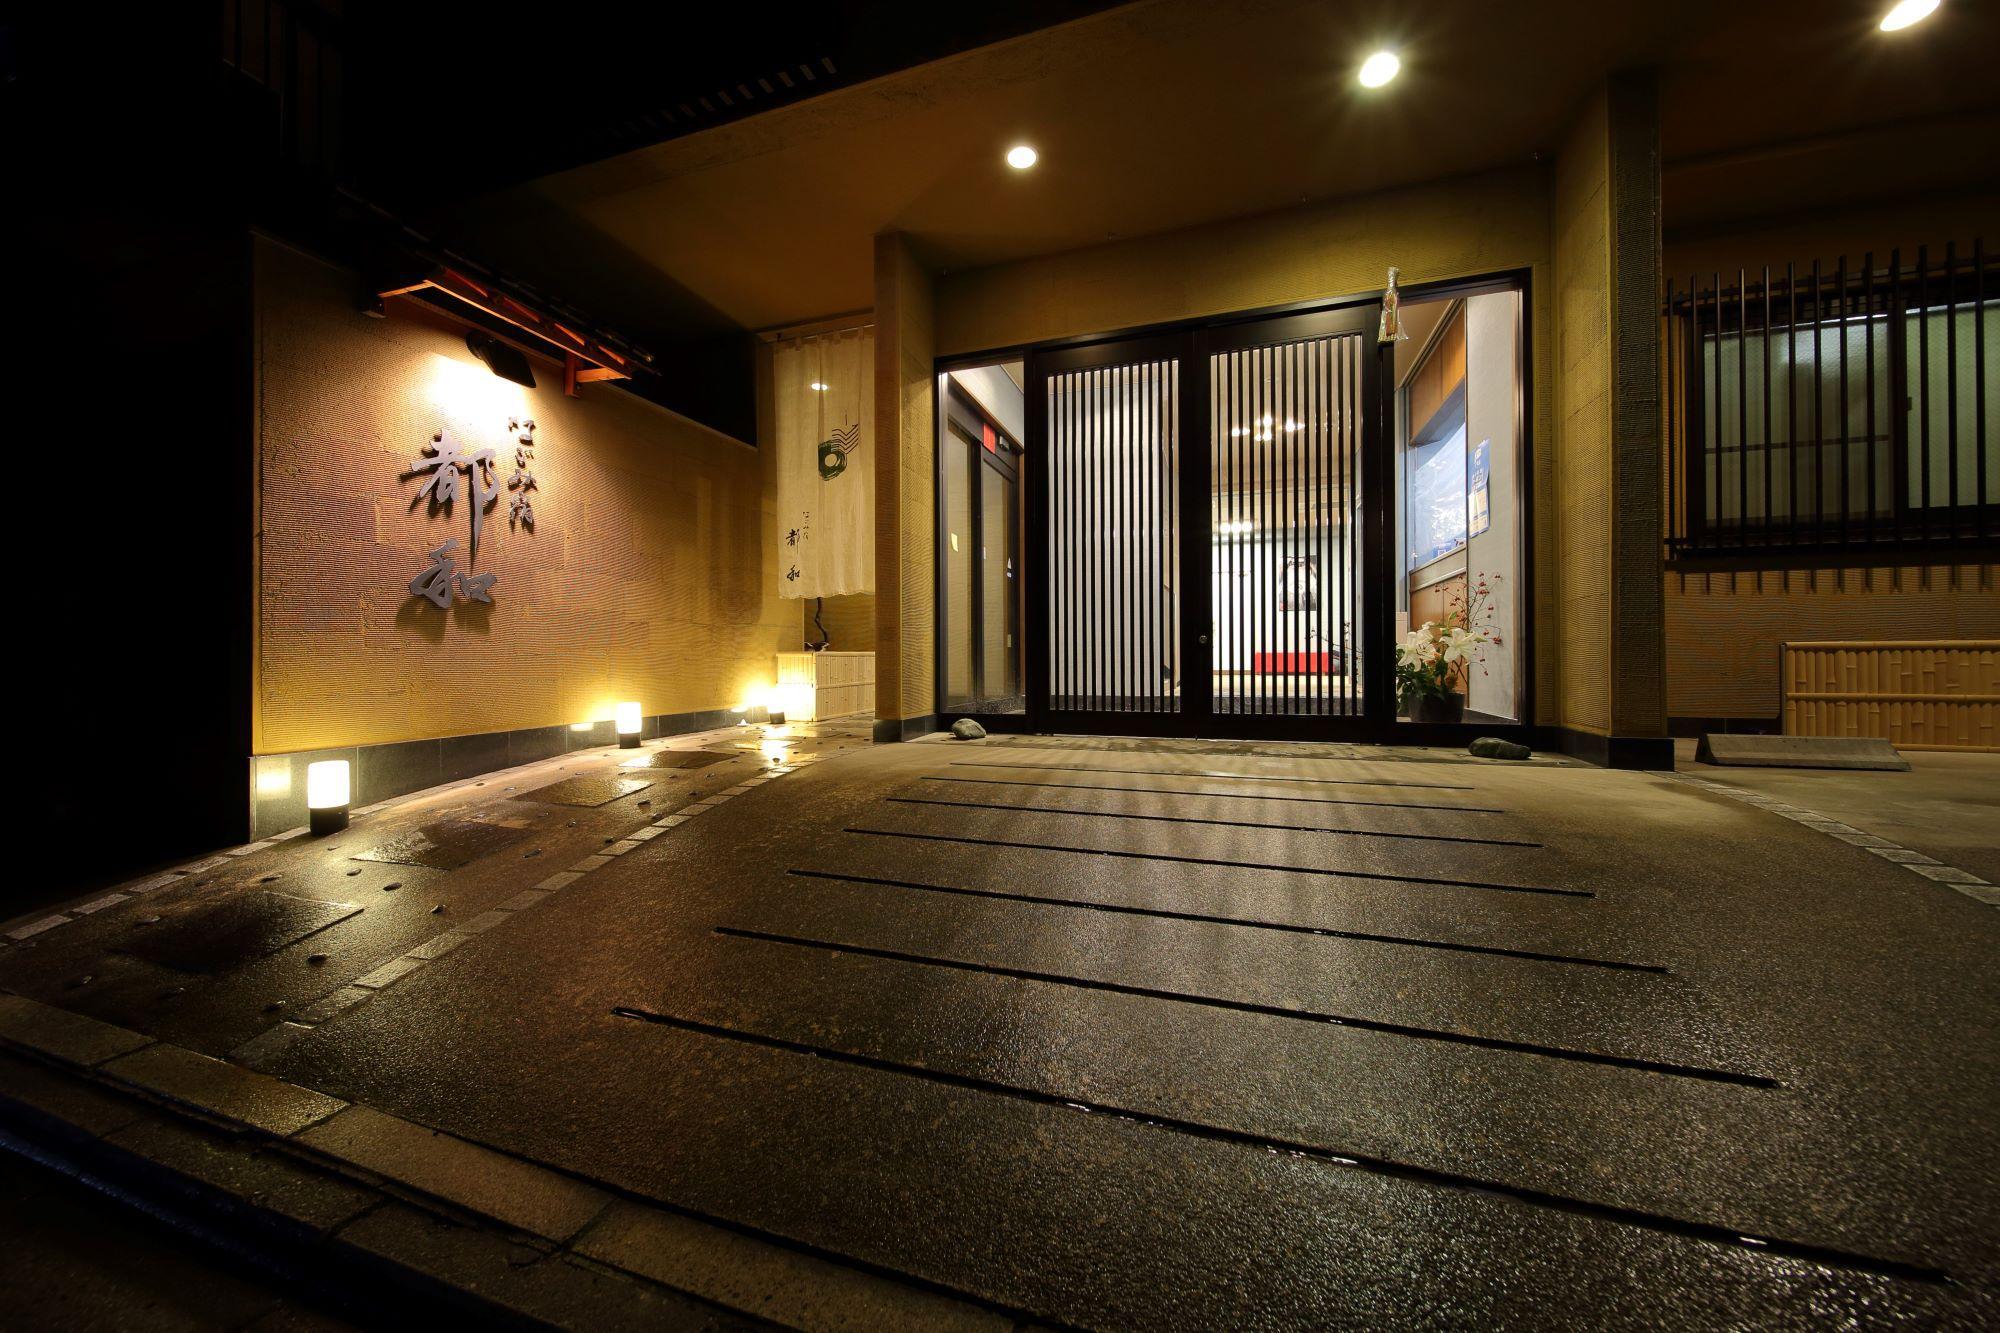 【京都】朝食におばんざいを食べて京都料理を楽しめる宿